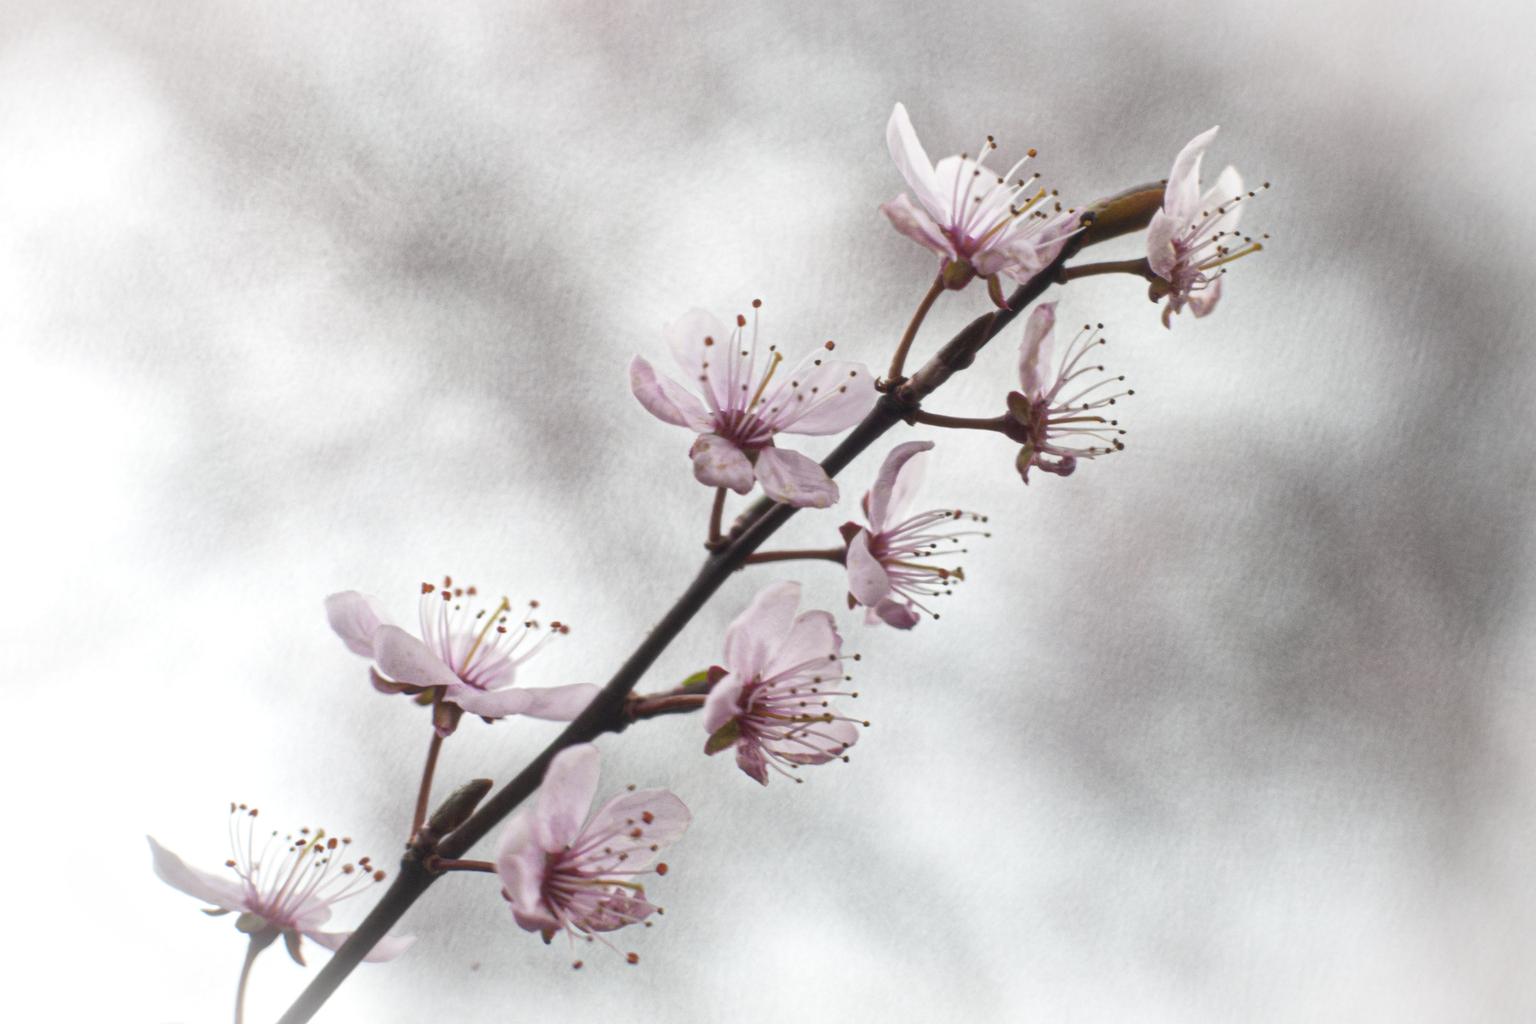 Prunus - Ik heb voor deze sierlijke prunus uit mijn tuin geen vintage lens gebruikt, maar wel een vintage filter voor mijn lens gehouden. Het weer werkte niet - foto door hettieheijnis op 10-04-2021 - deze foto bevat: prunus,, bloesem, tuin, lente, roze, pastel, zacht licht, natuurfotografie, bloem, fabriek, lucht, wolk, afdeling, takje, plantkunde, bloemblaadje, bloeiende plant, terrestrische plant